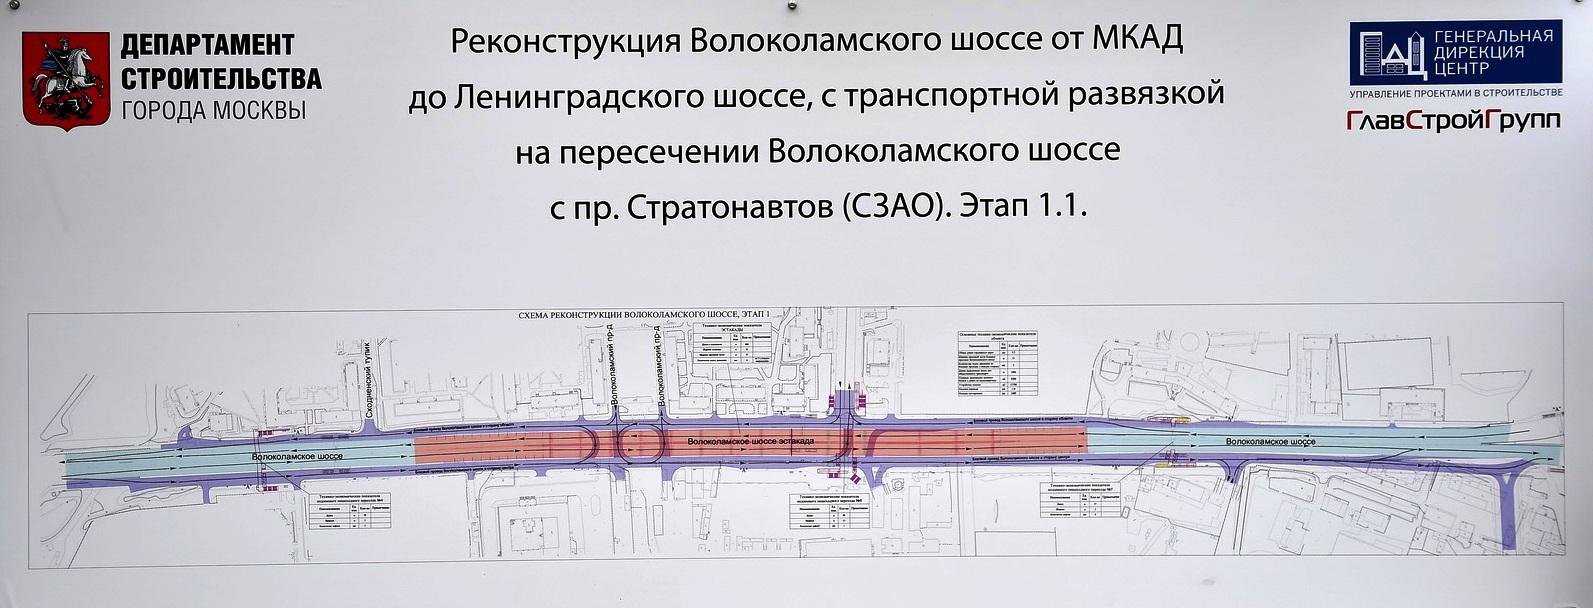 Эстакада около стадиона команды «Спартак» на Волоколамском шоссе